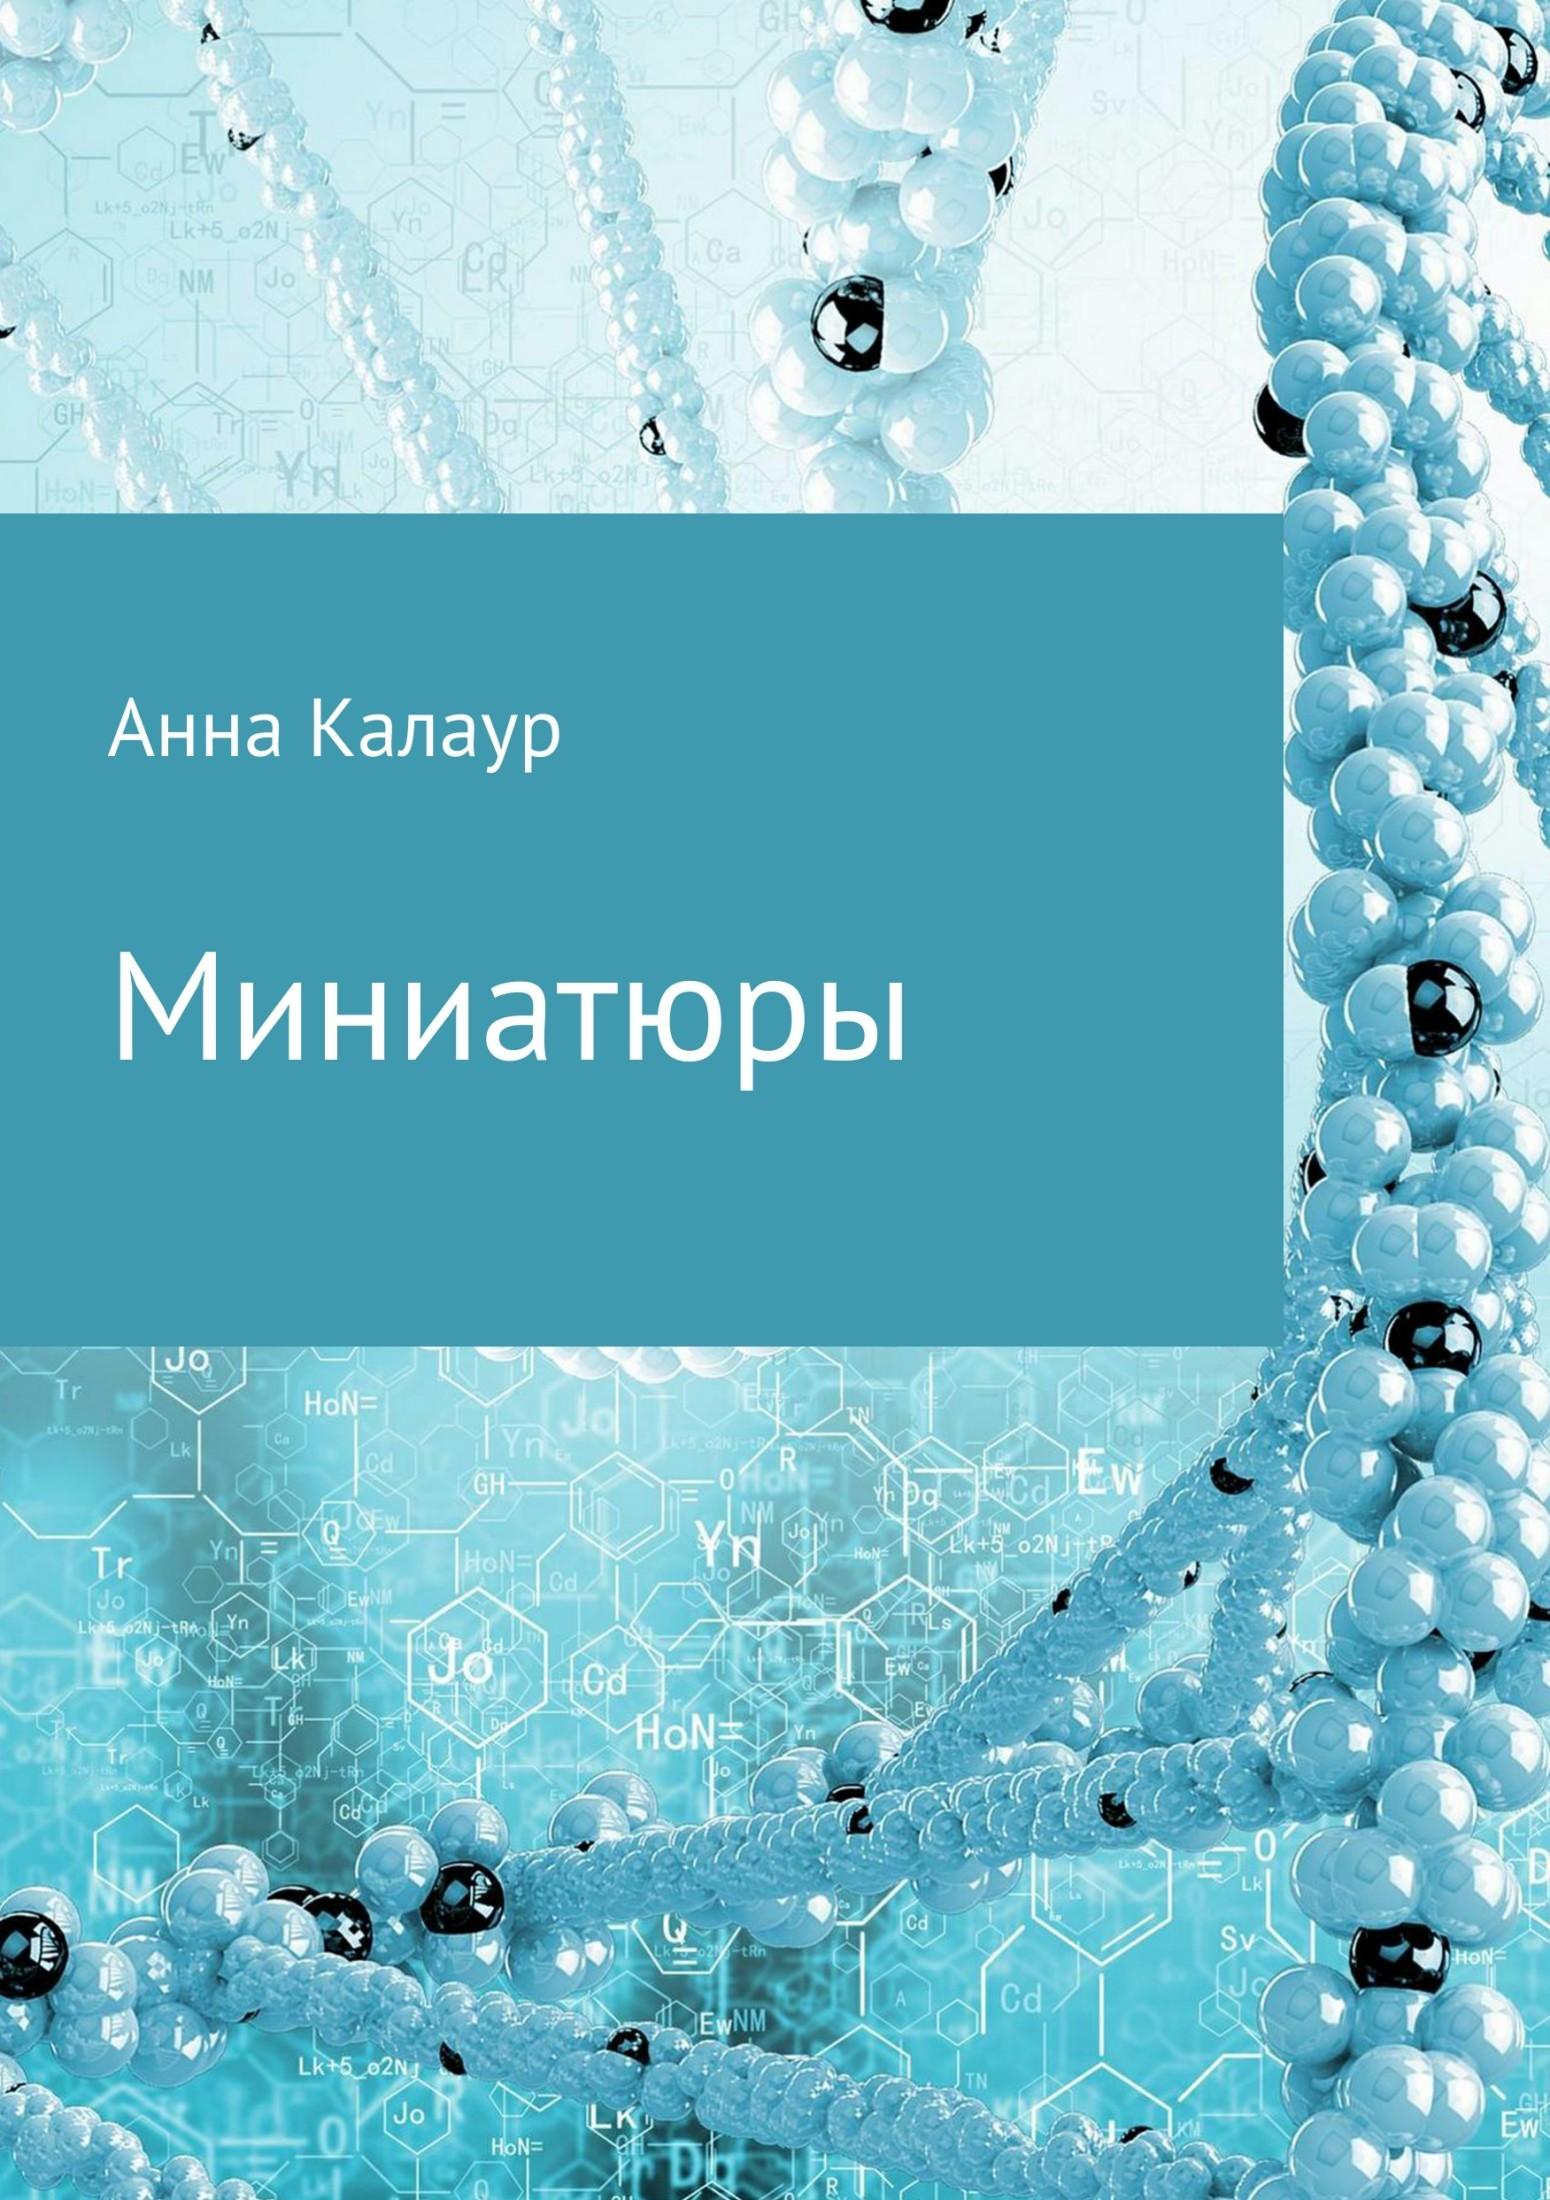 Анна Калаур. Миниатюры